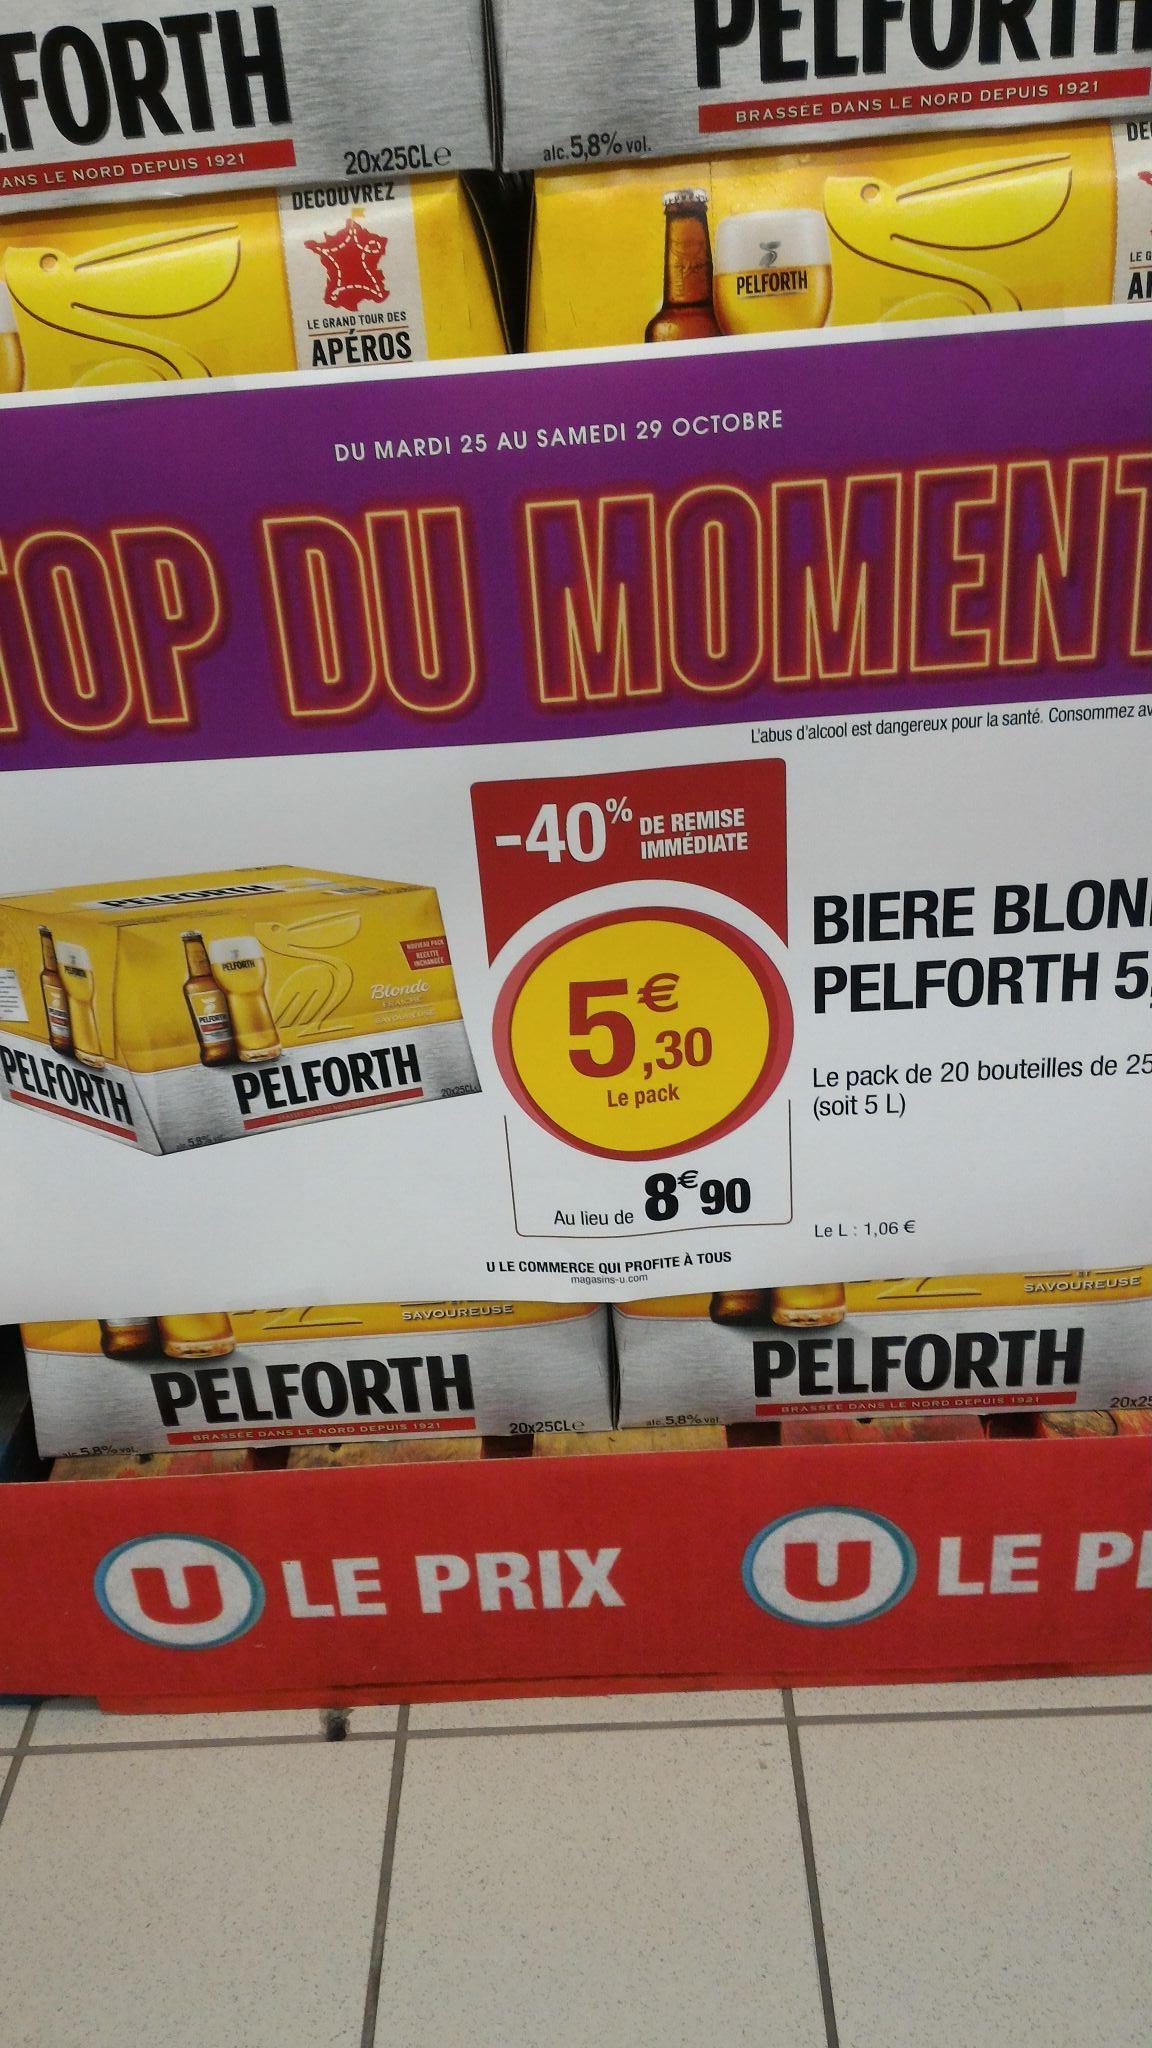 Pack de 20 Bières Pelforth Blonde 5.8° - 20x25cl